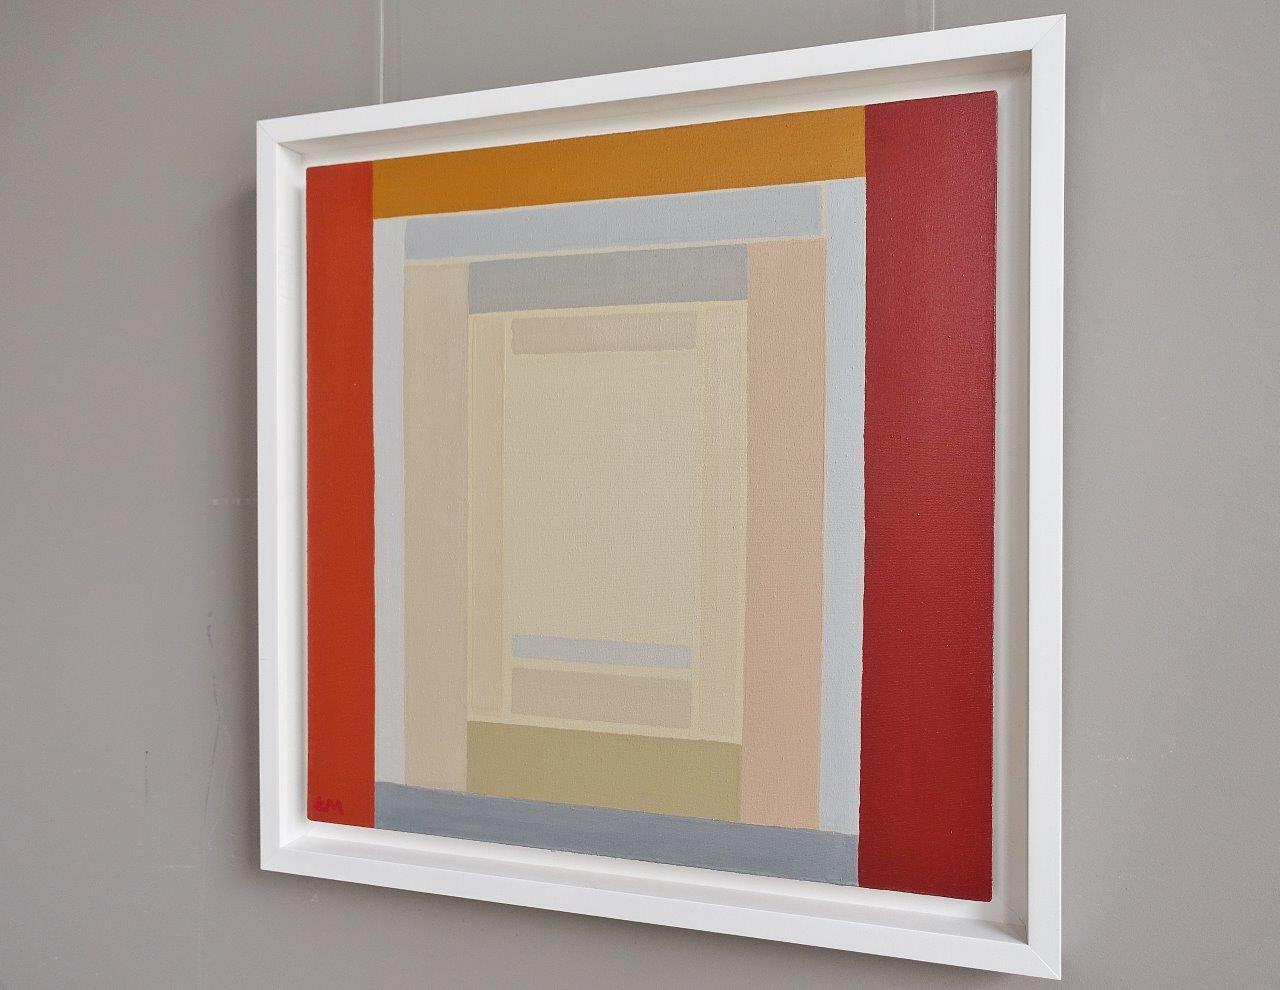 Łukasz Majcherowicz : White atrium